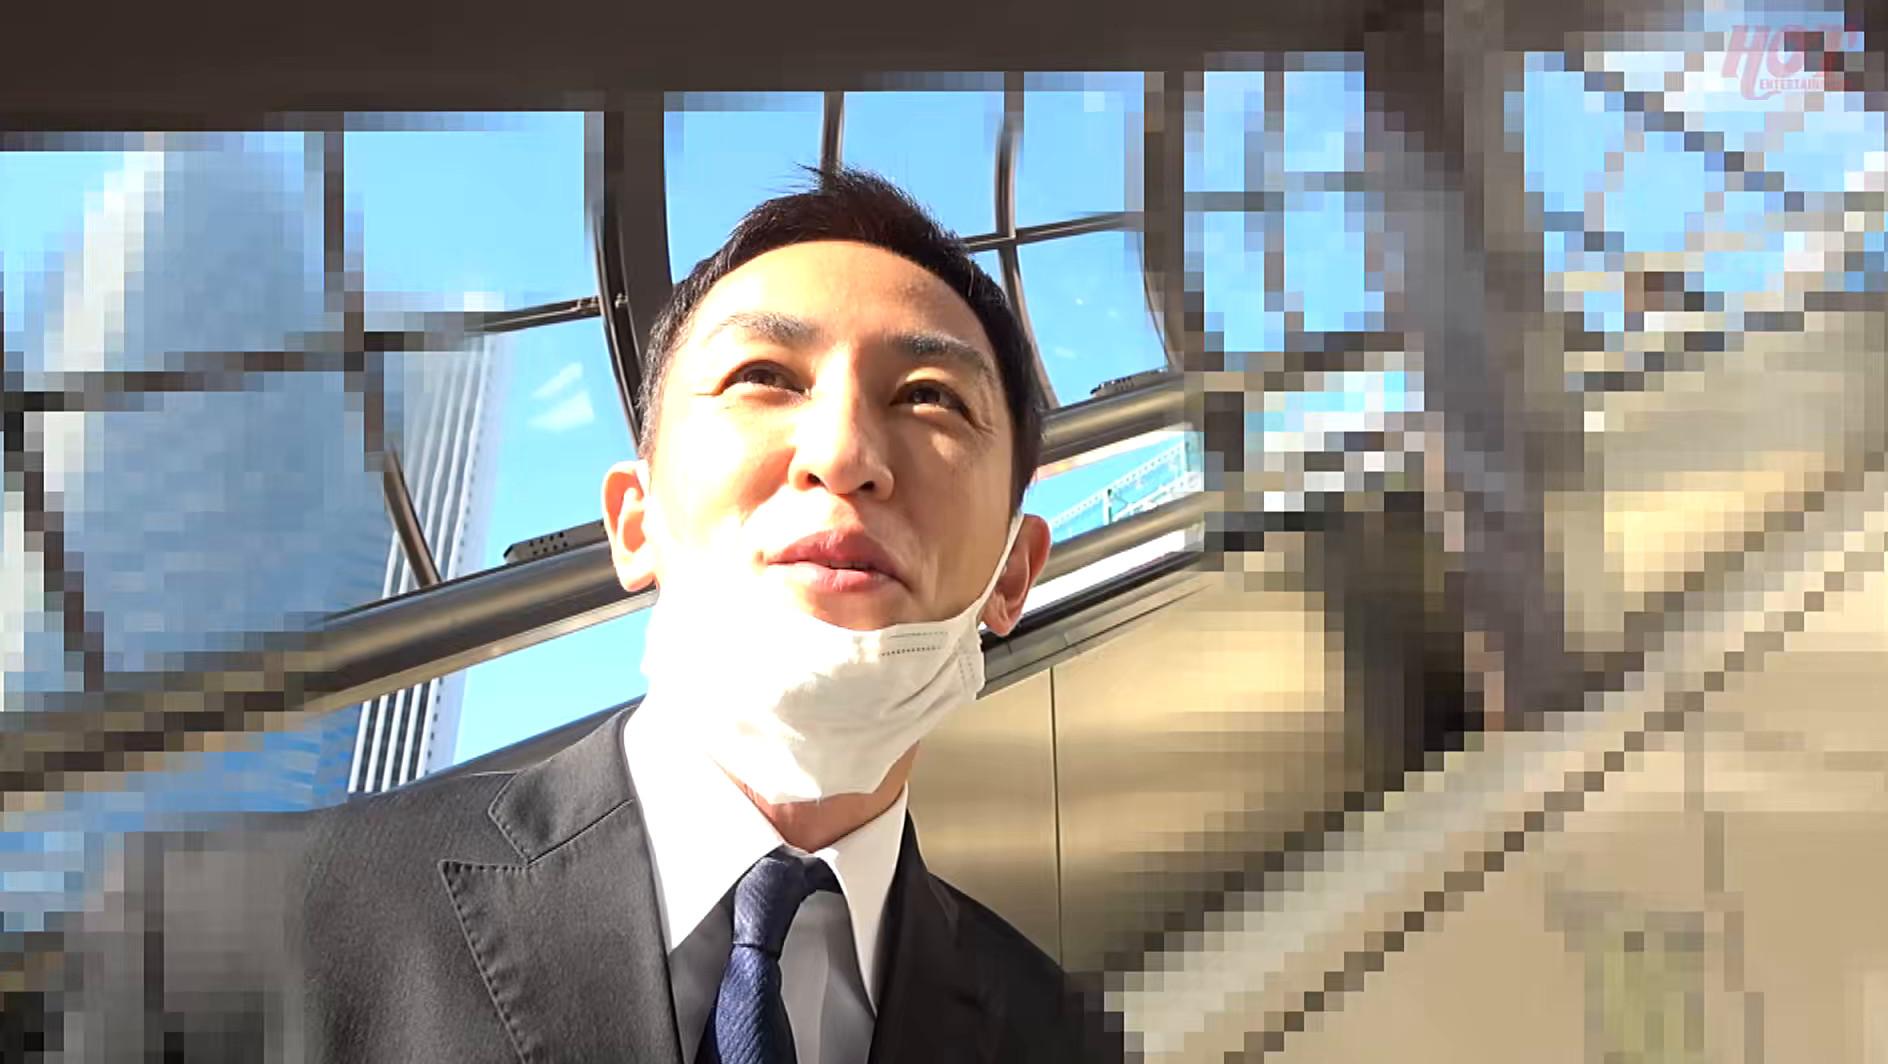 素敵な婦人 息子に会いに上京したはずなのに・・・イケメンナンパ師のテクにメロメロ 光代さん49歳 画像2